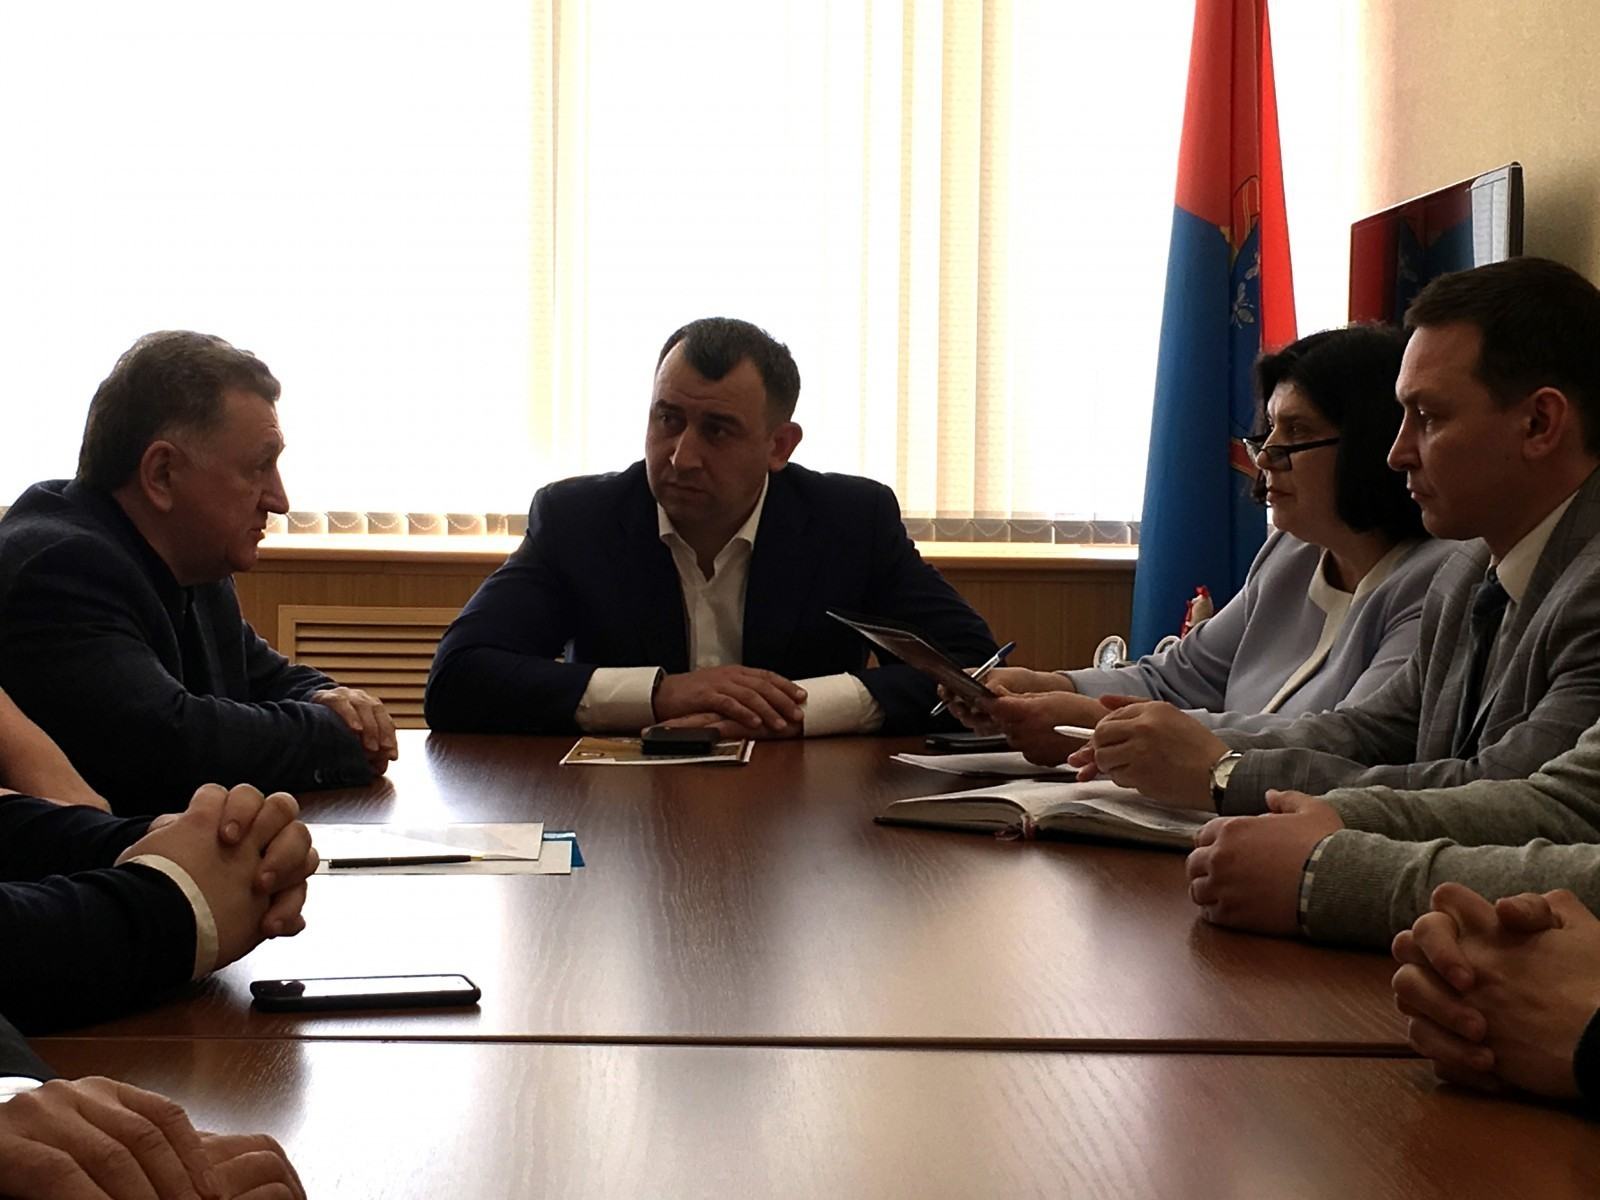 Вице-губернатор Арсен Габуев обозначил потенциальному подрядчику фронт работ по достройке перинатального центра в Тамбове